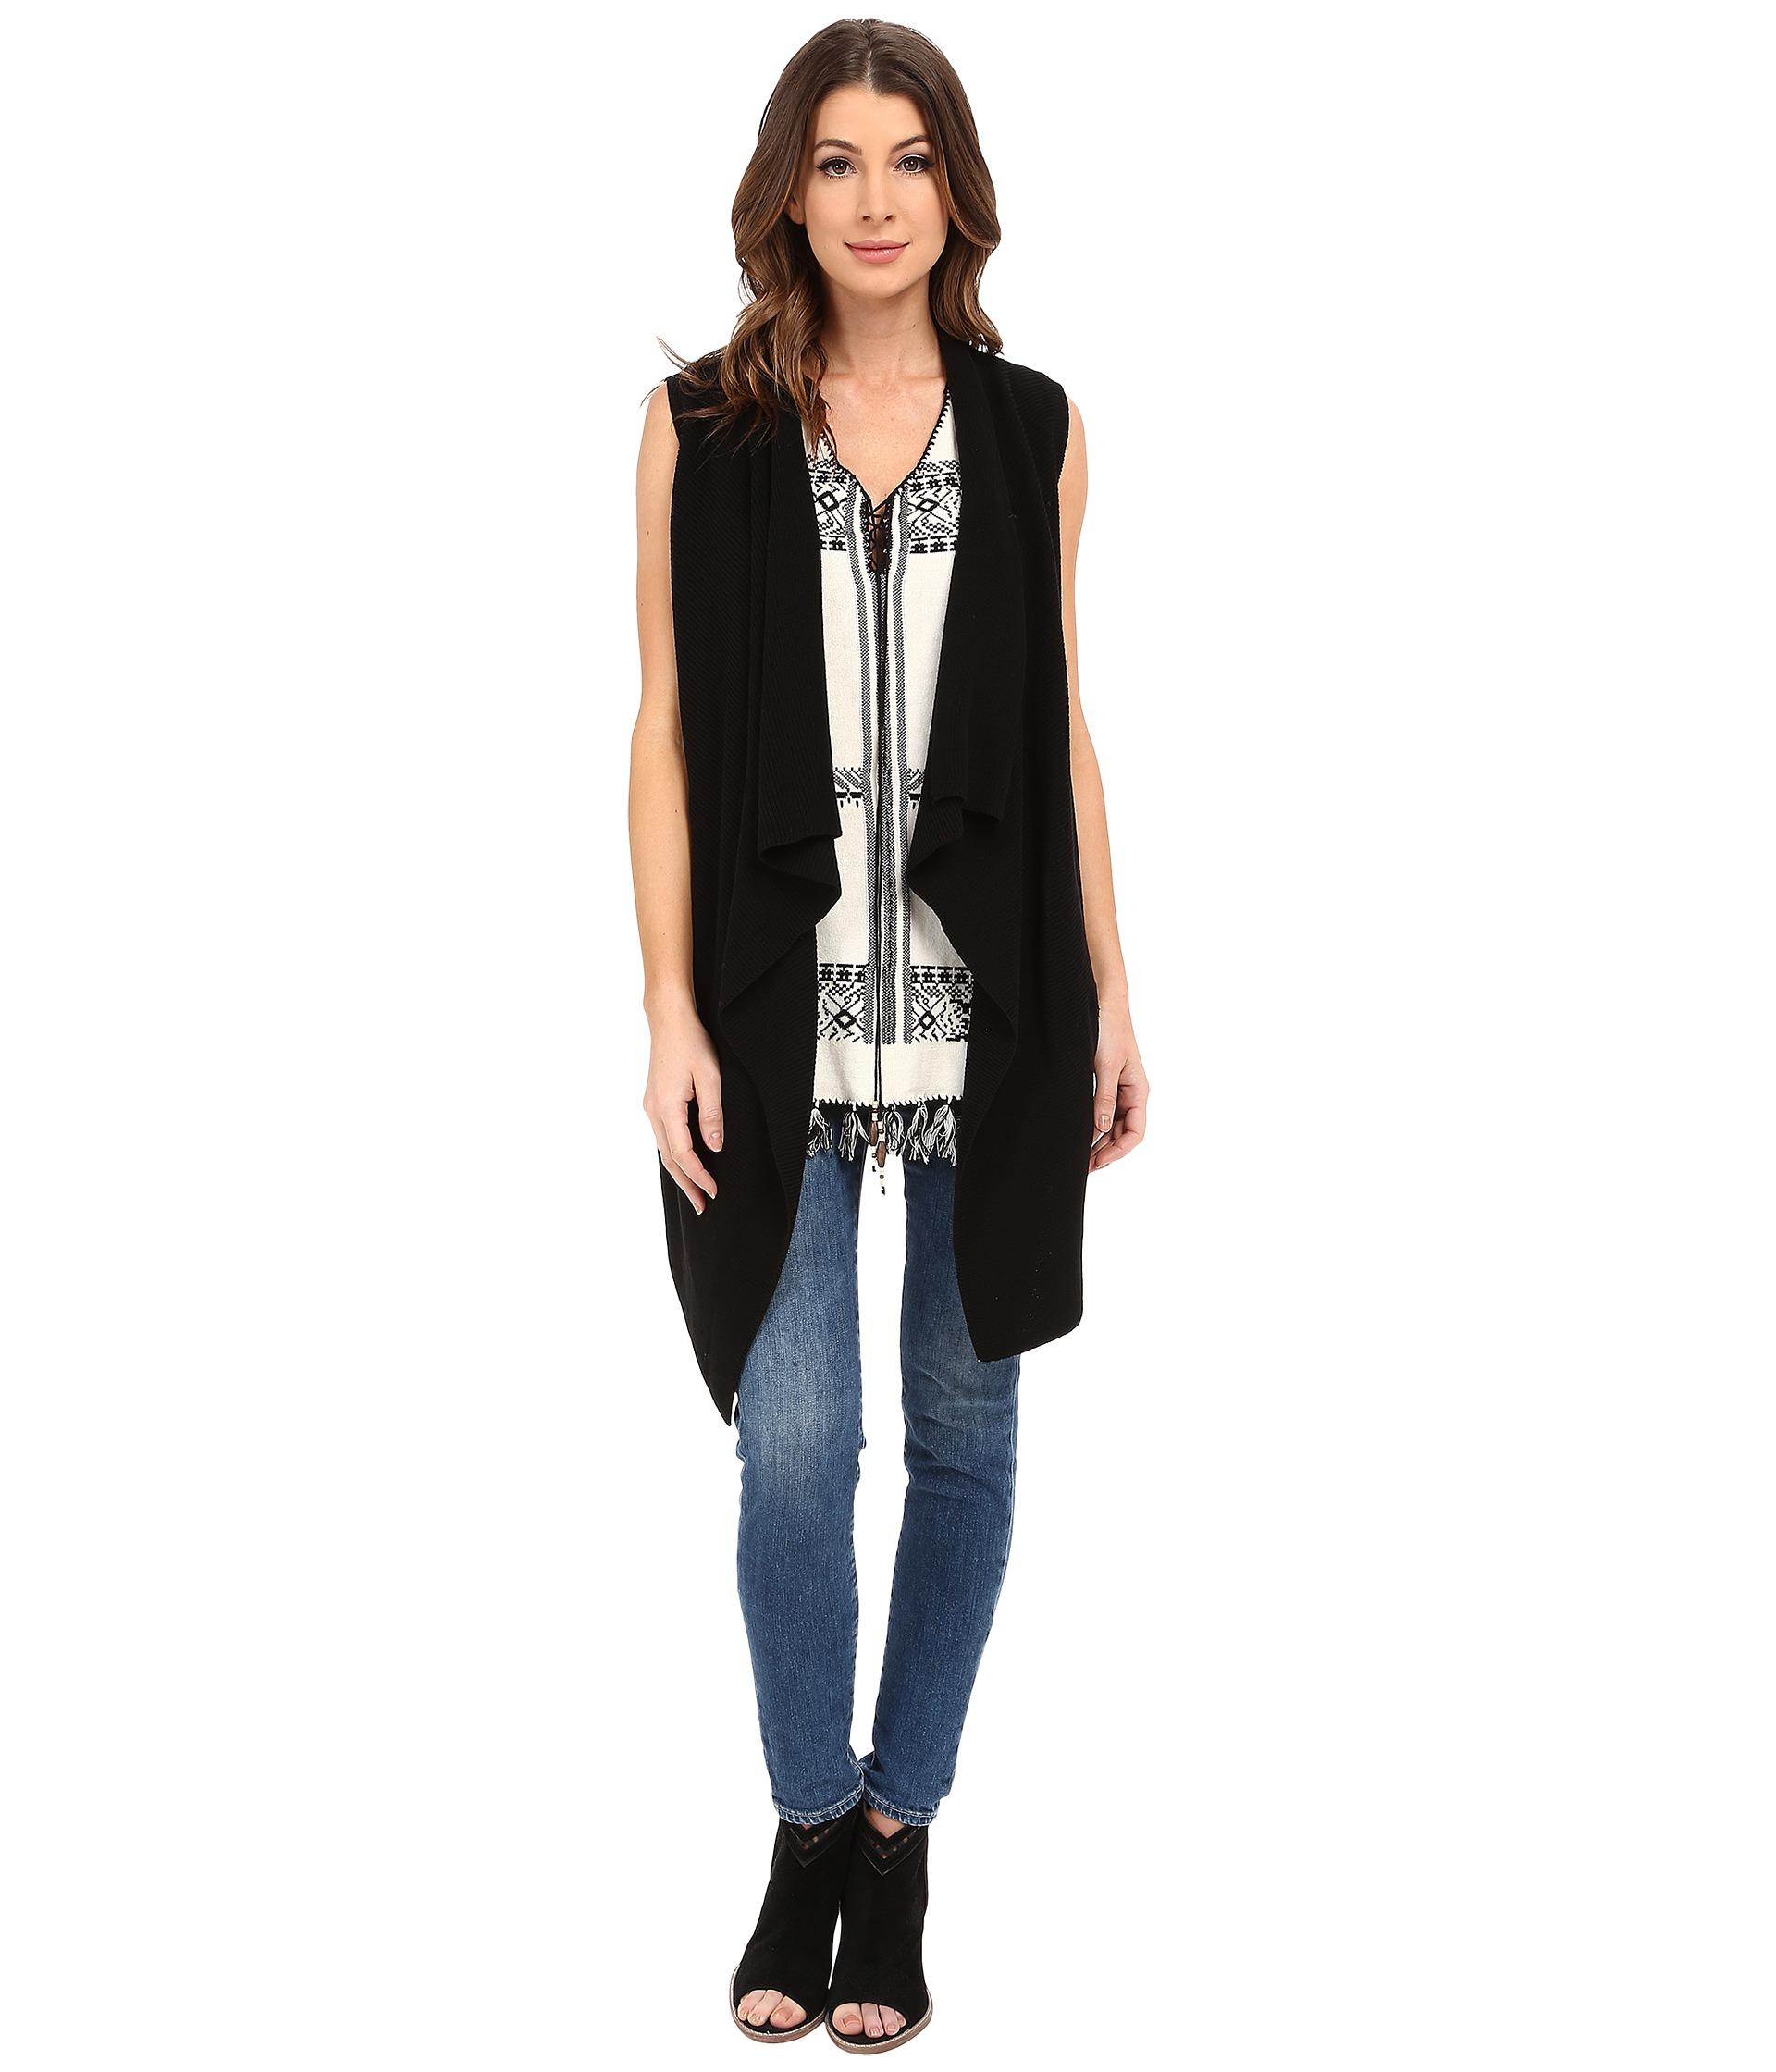 Dylan by true grit Long Drape Sweater Vest in Black | Lyst